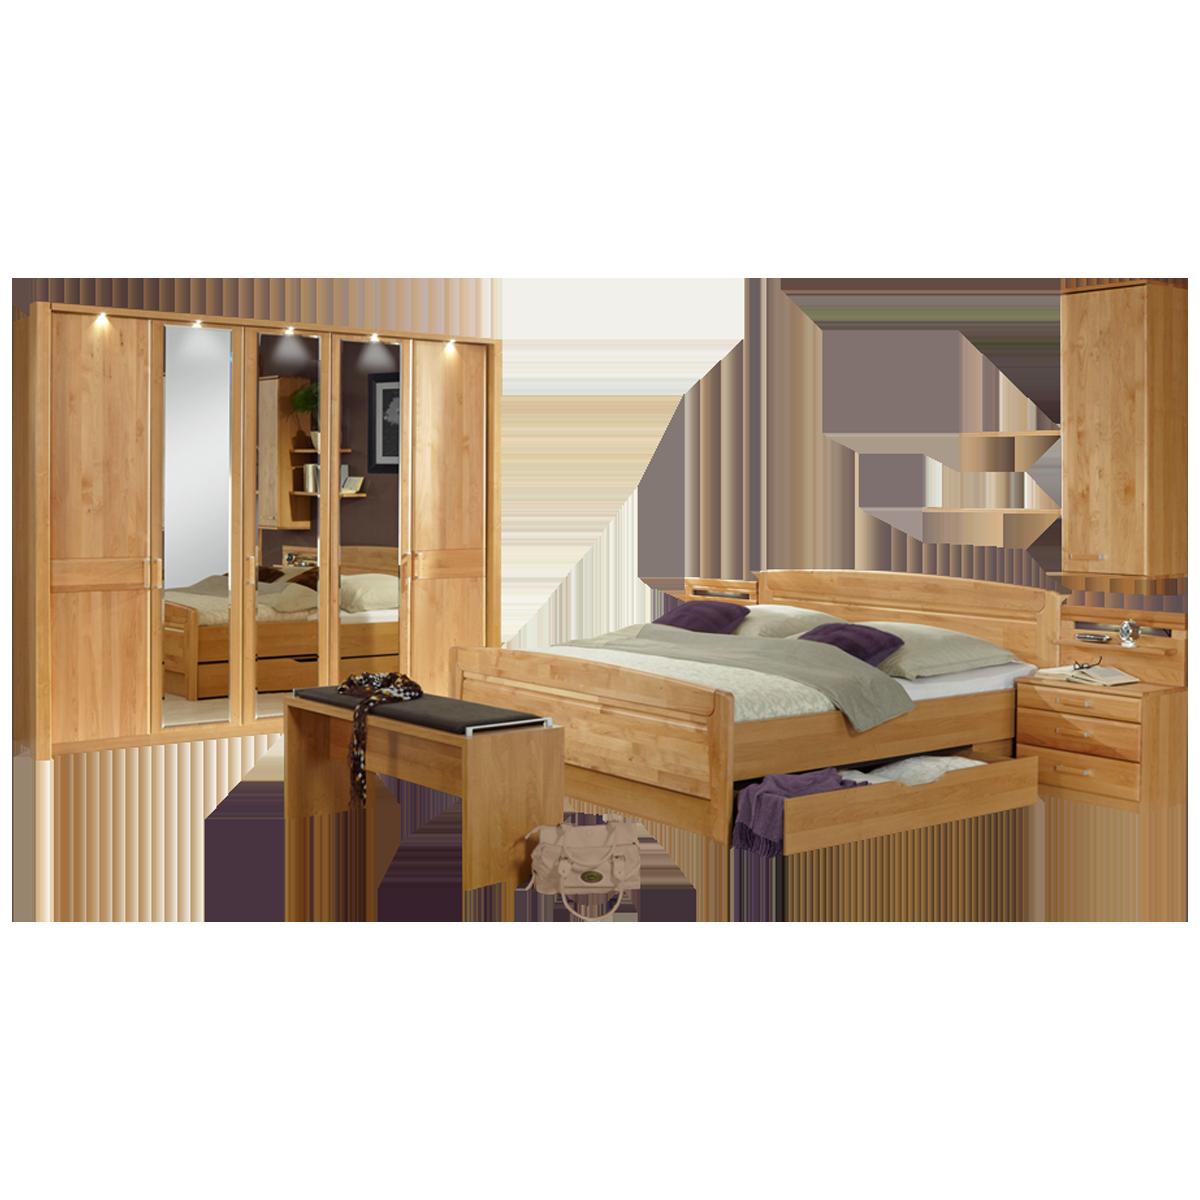 Wiemann Lausanne Schlafzimmer Doppelbett mit Bettkasten Drehtürenschrank  Nachtschränke Ankleidebank Hängeschrank und Wandboards in Erle teilmassiv